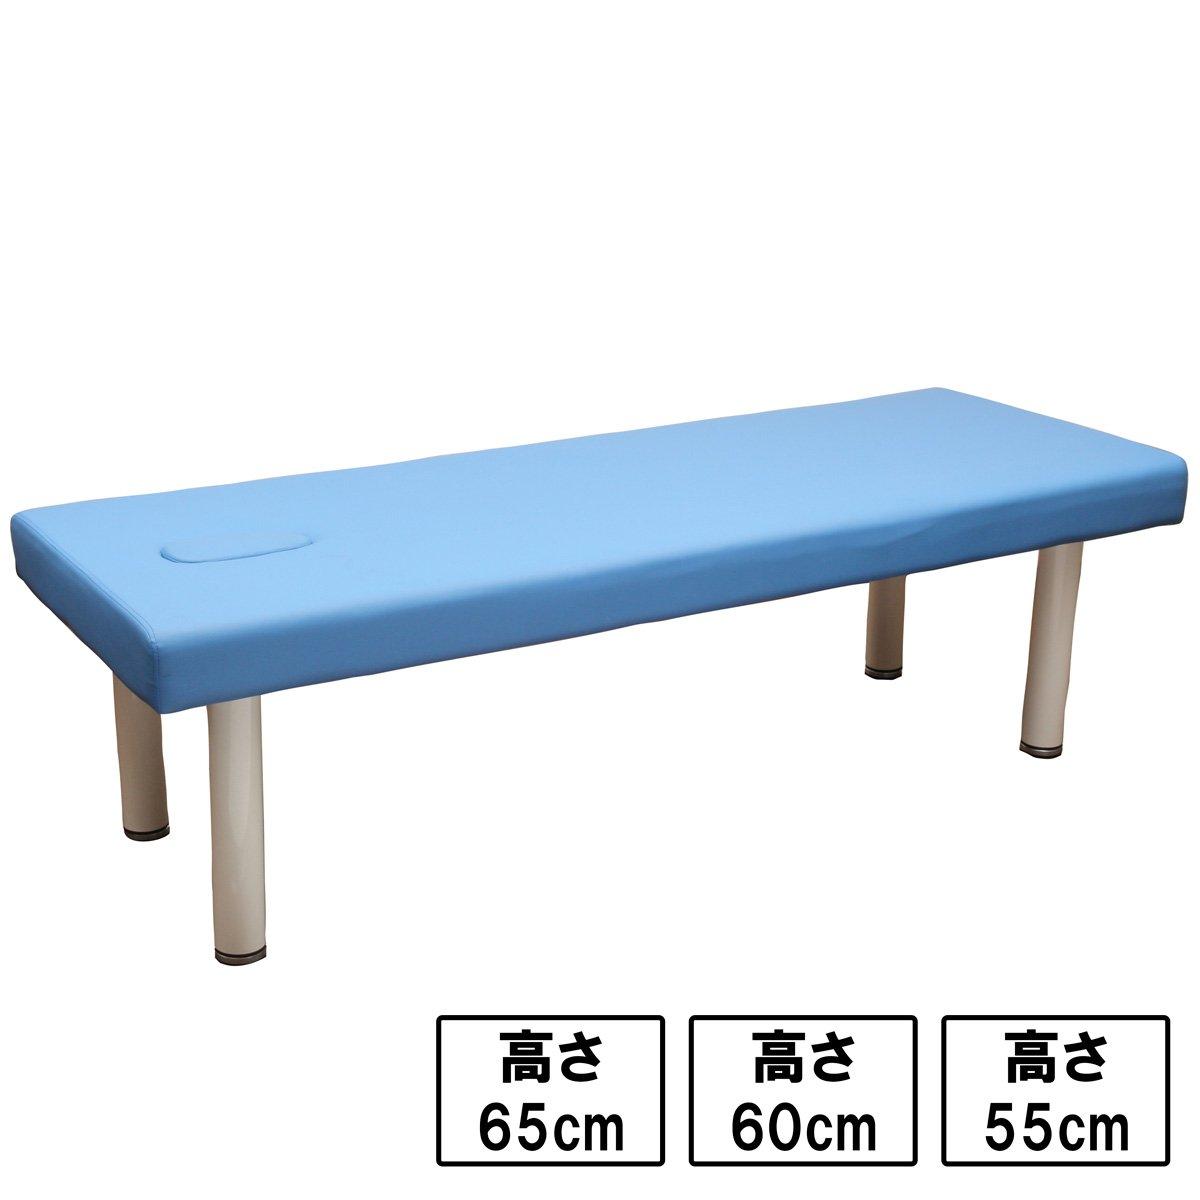 高反発 整体ベッド ( ネジ固定脚有孔 ) ブルー 長さ190cm×幅60cm×高さ55cm [ マッサージベッド 施術ベッド 整体ベッド エステベッド マッサージ台 施術台 マッサージ 整体 ベッド ] B076C7MFNL 高さ55cm